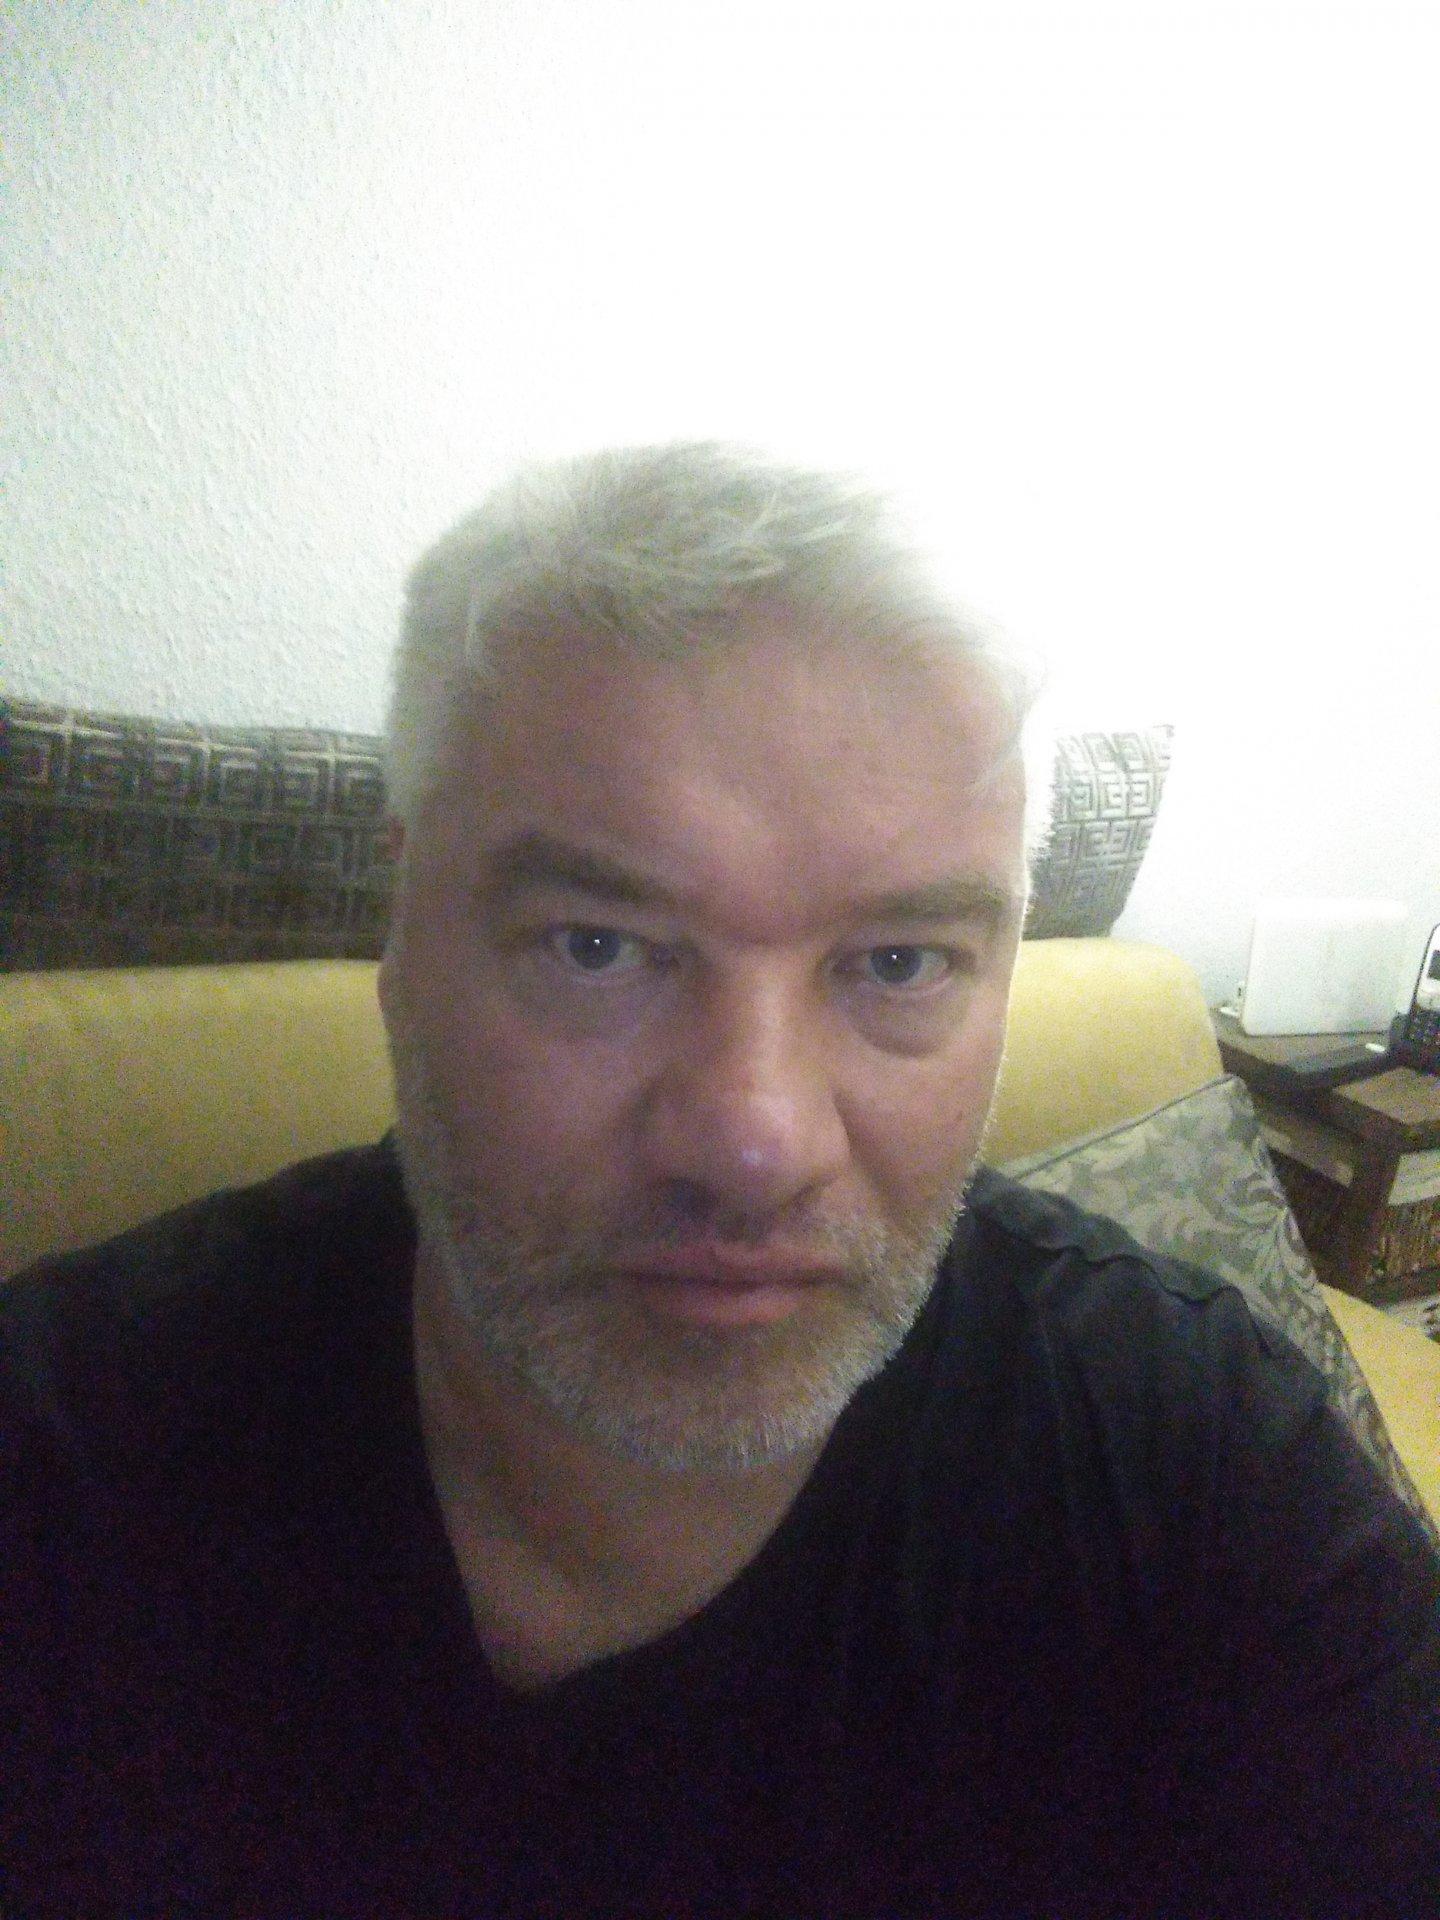 Mirko 45  aus Schleswig-Holstein,Deutschland